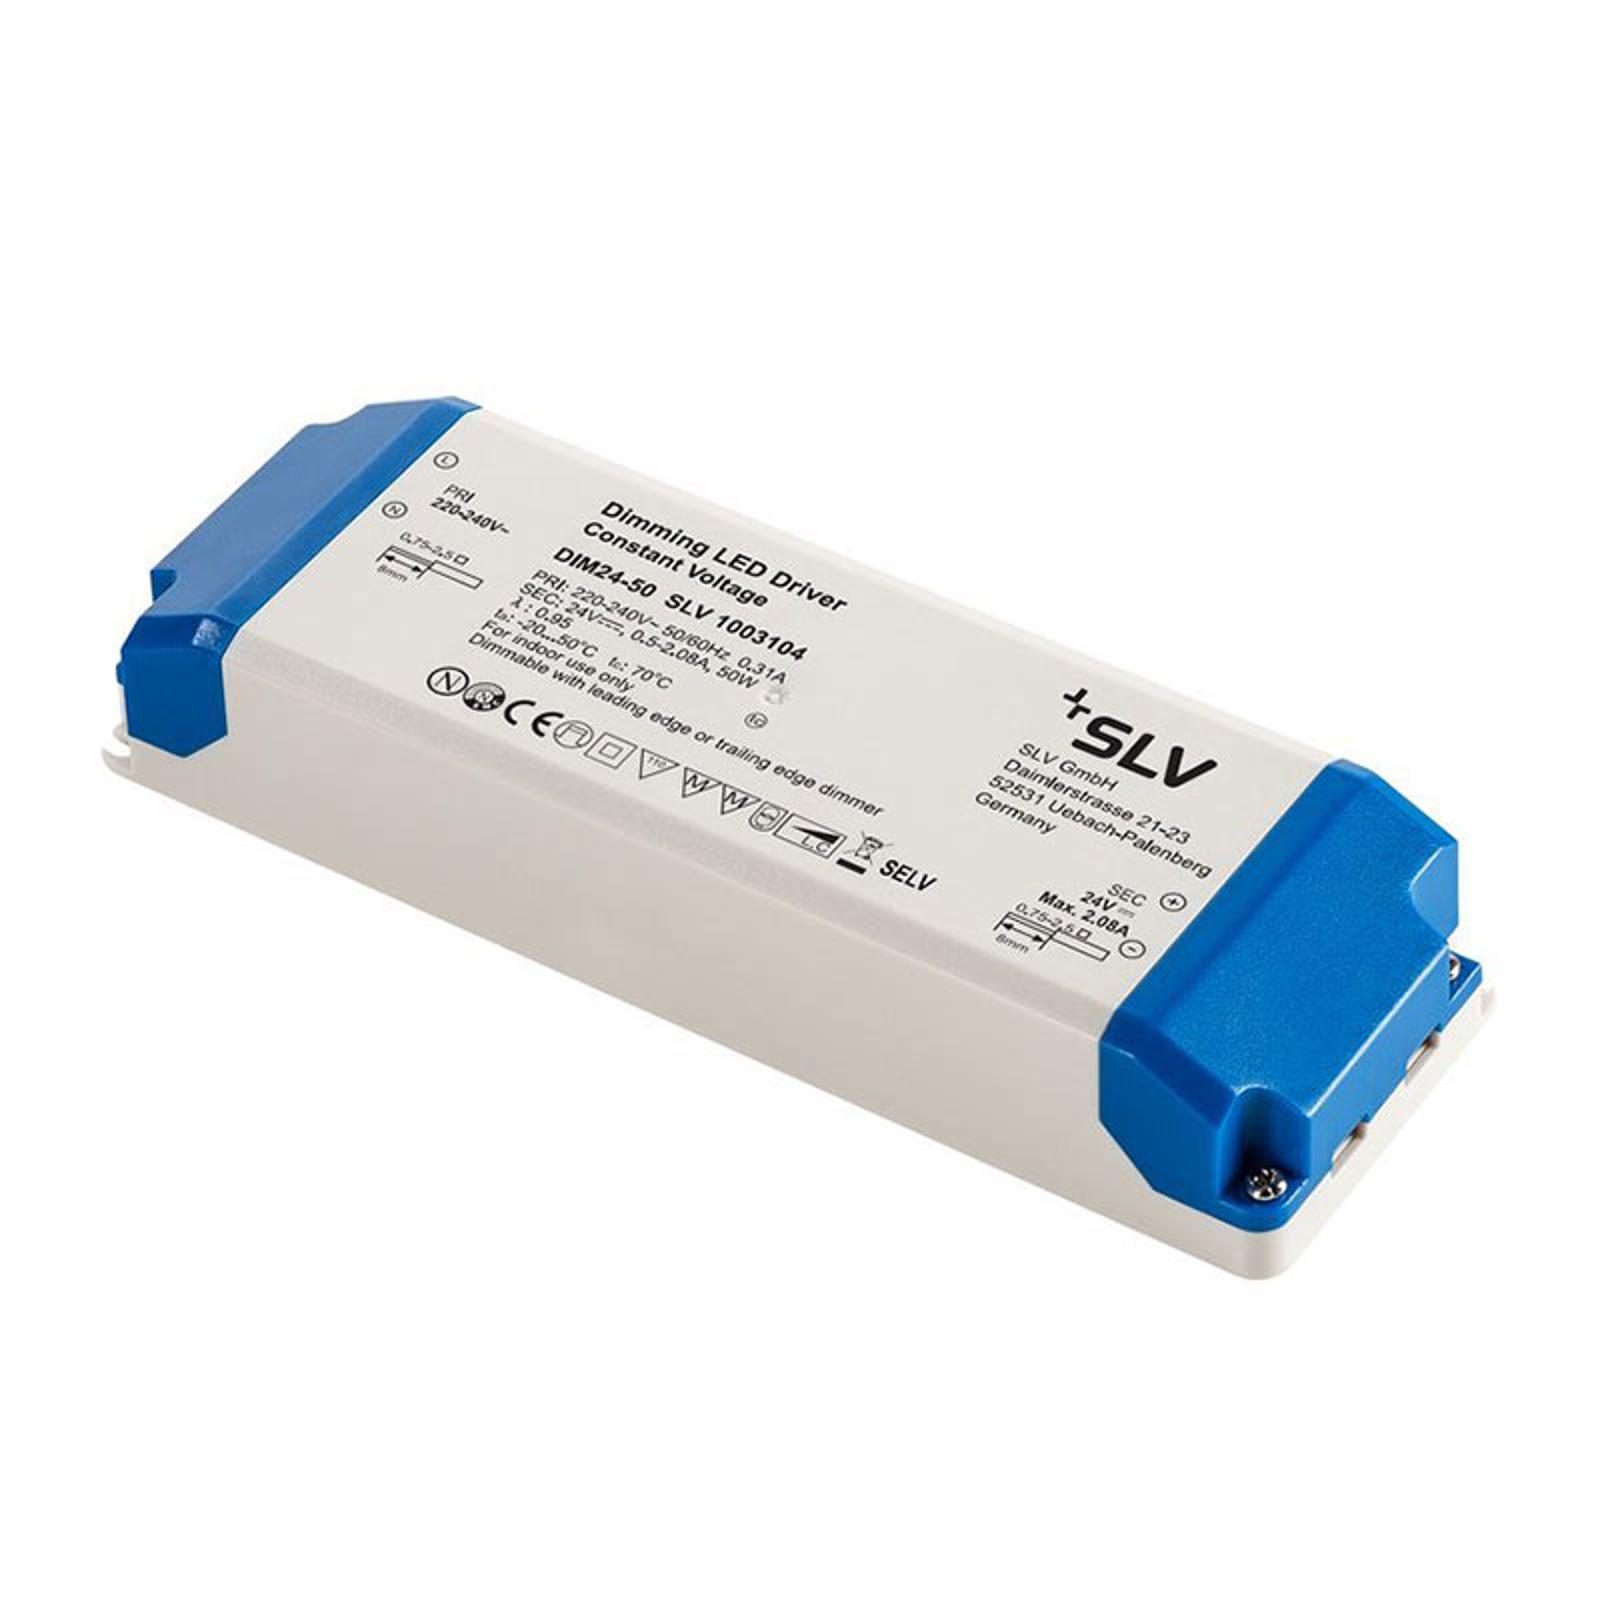 SLV LED-Treiber 24V, 50W, TRIAC-dimmbar